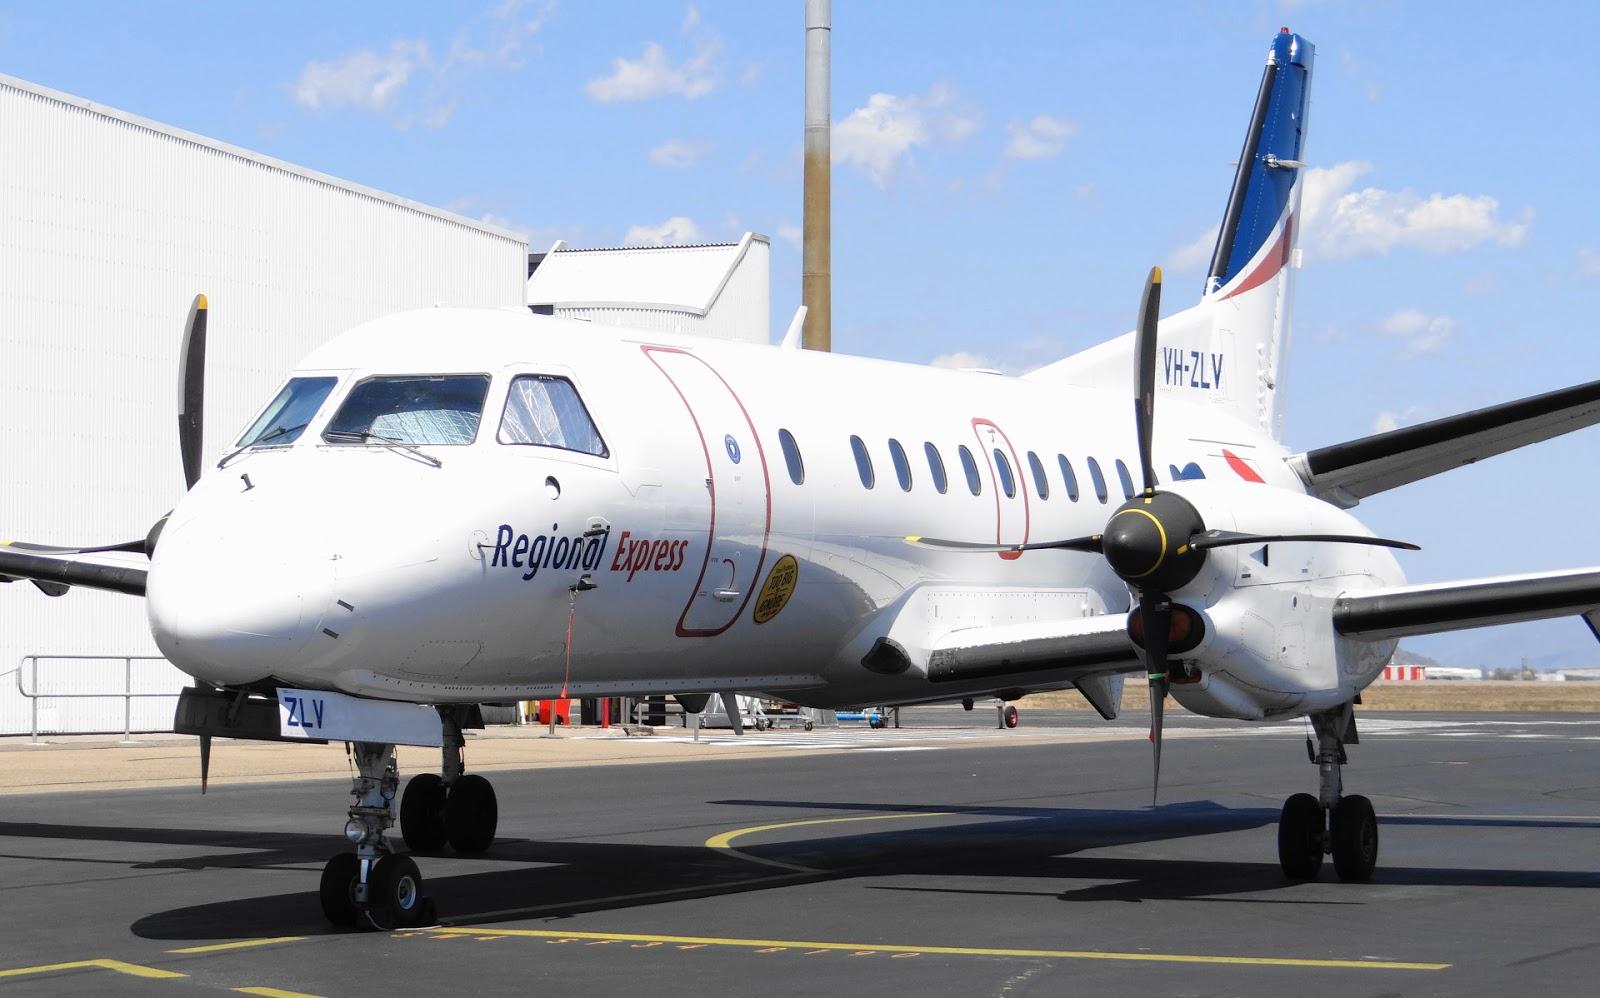 Air Queensland Blogspot Regional Express Airlines Rex